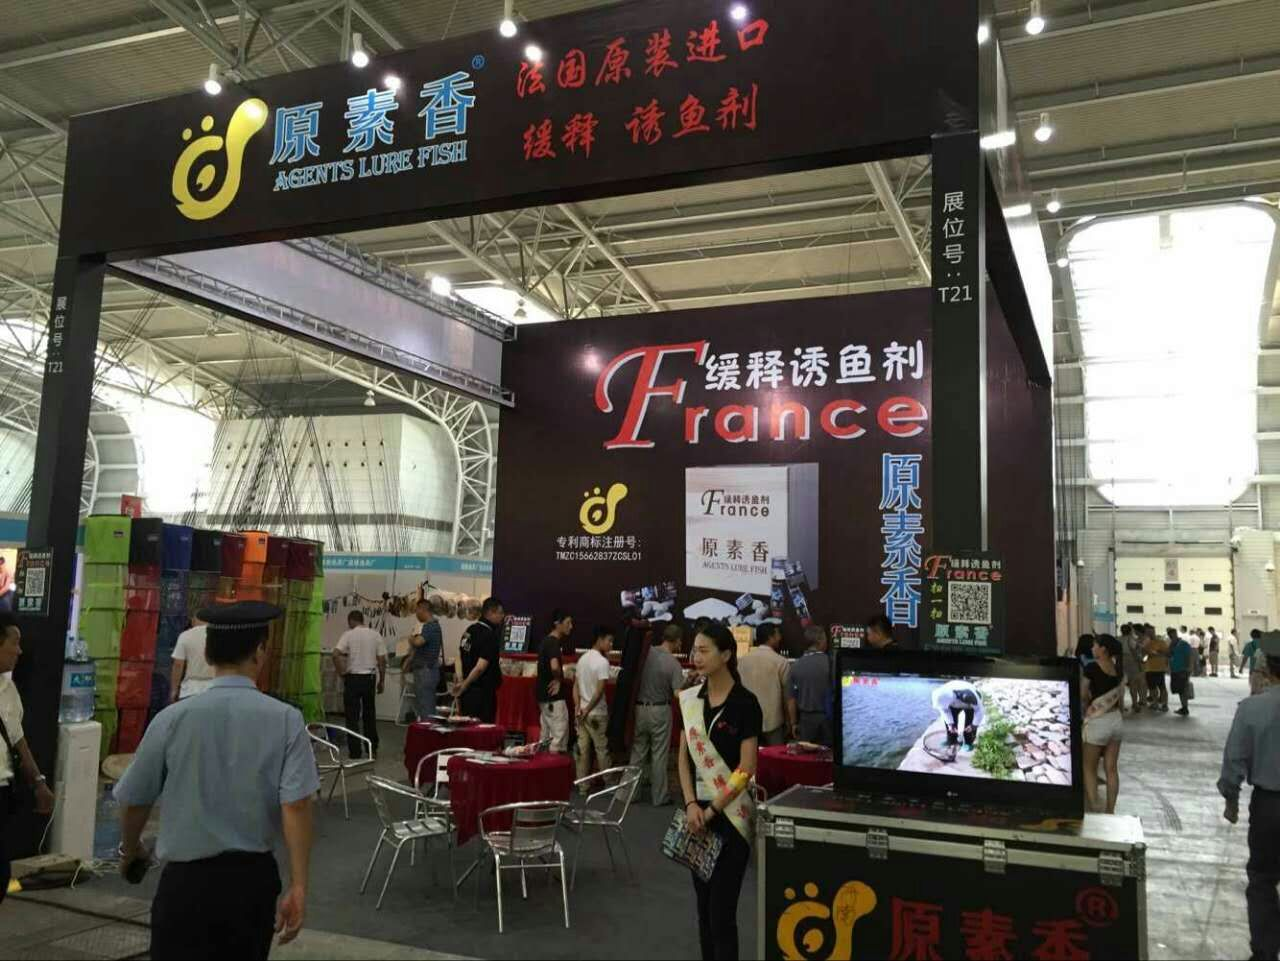 2016 상해 국제피싱쇼 (Shanghai International Fishing Expo)